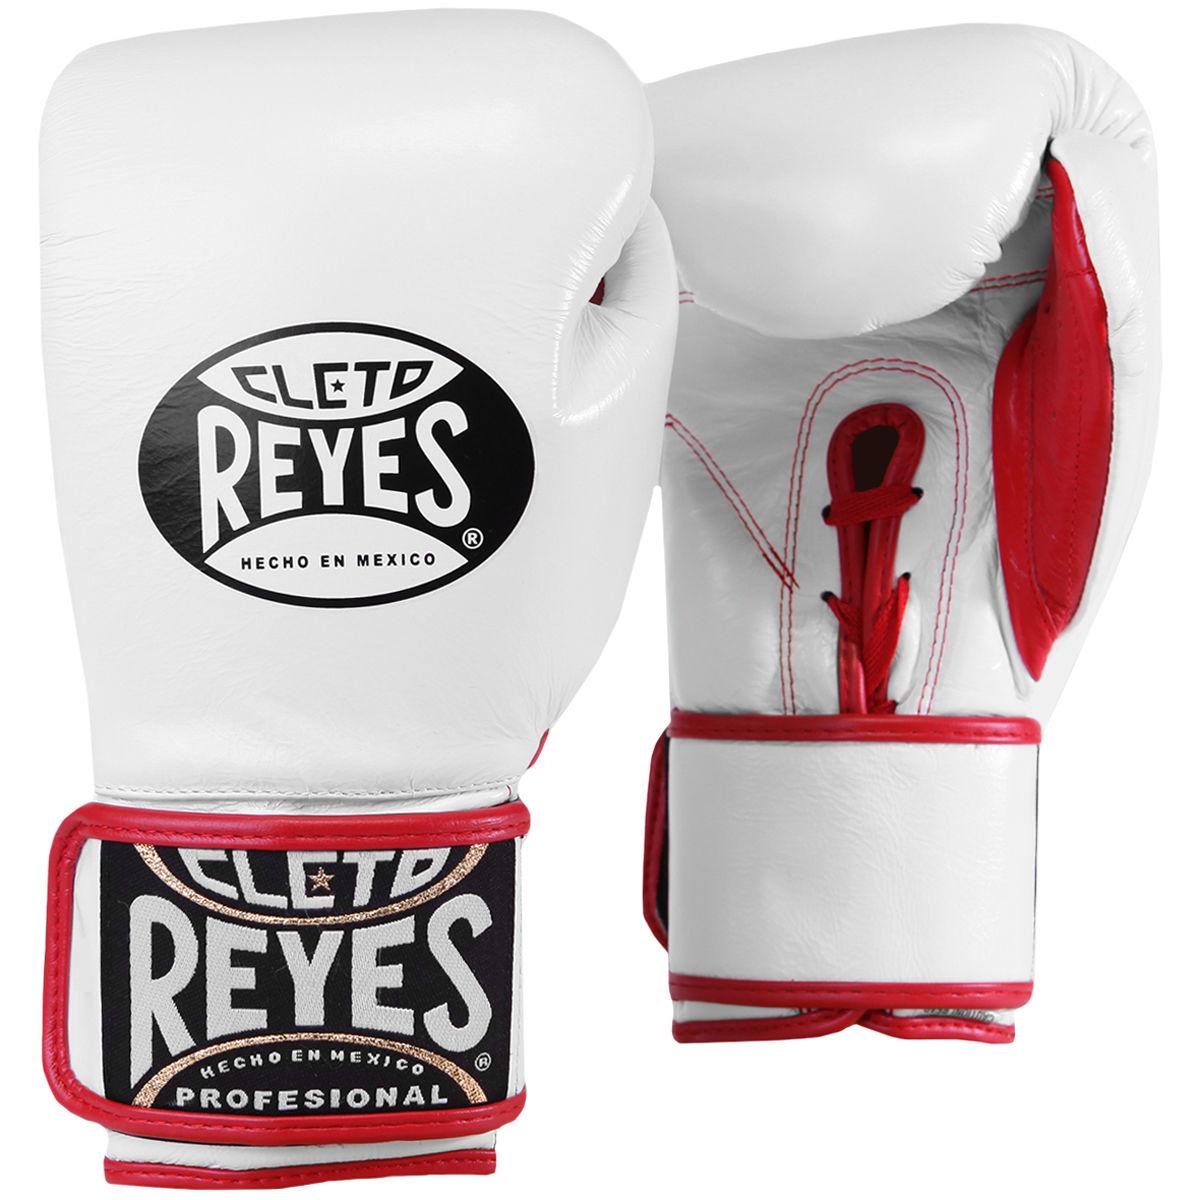 REYES レイジェス ボクシング グローブ ボクシンググローブ ホワイト 白 メキシコ製 本革 6オンス 10オンス